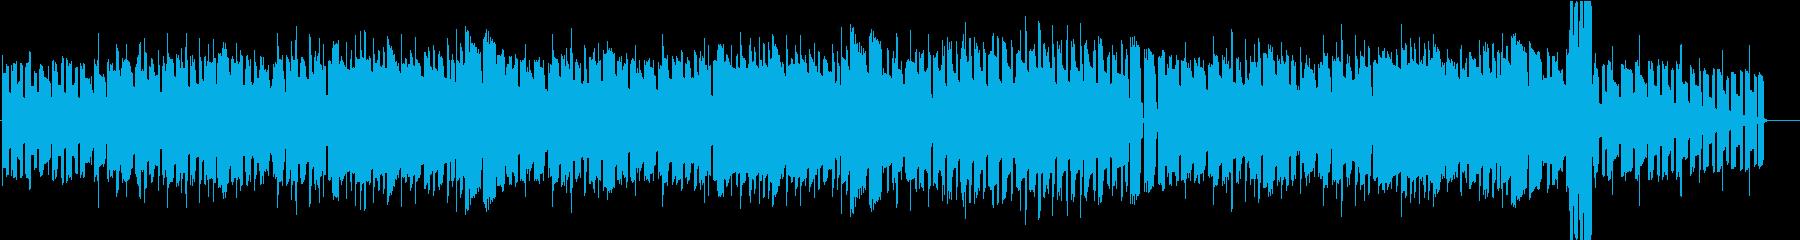 某ファミコンRPG船の上ワルツの再生済みの波形